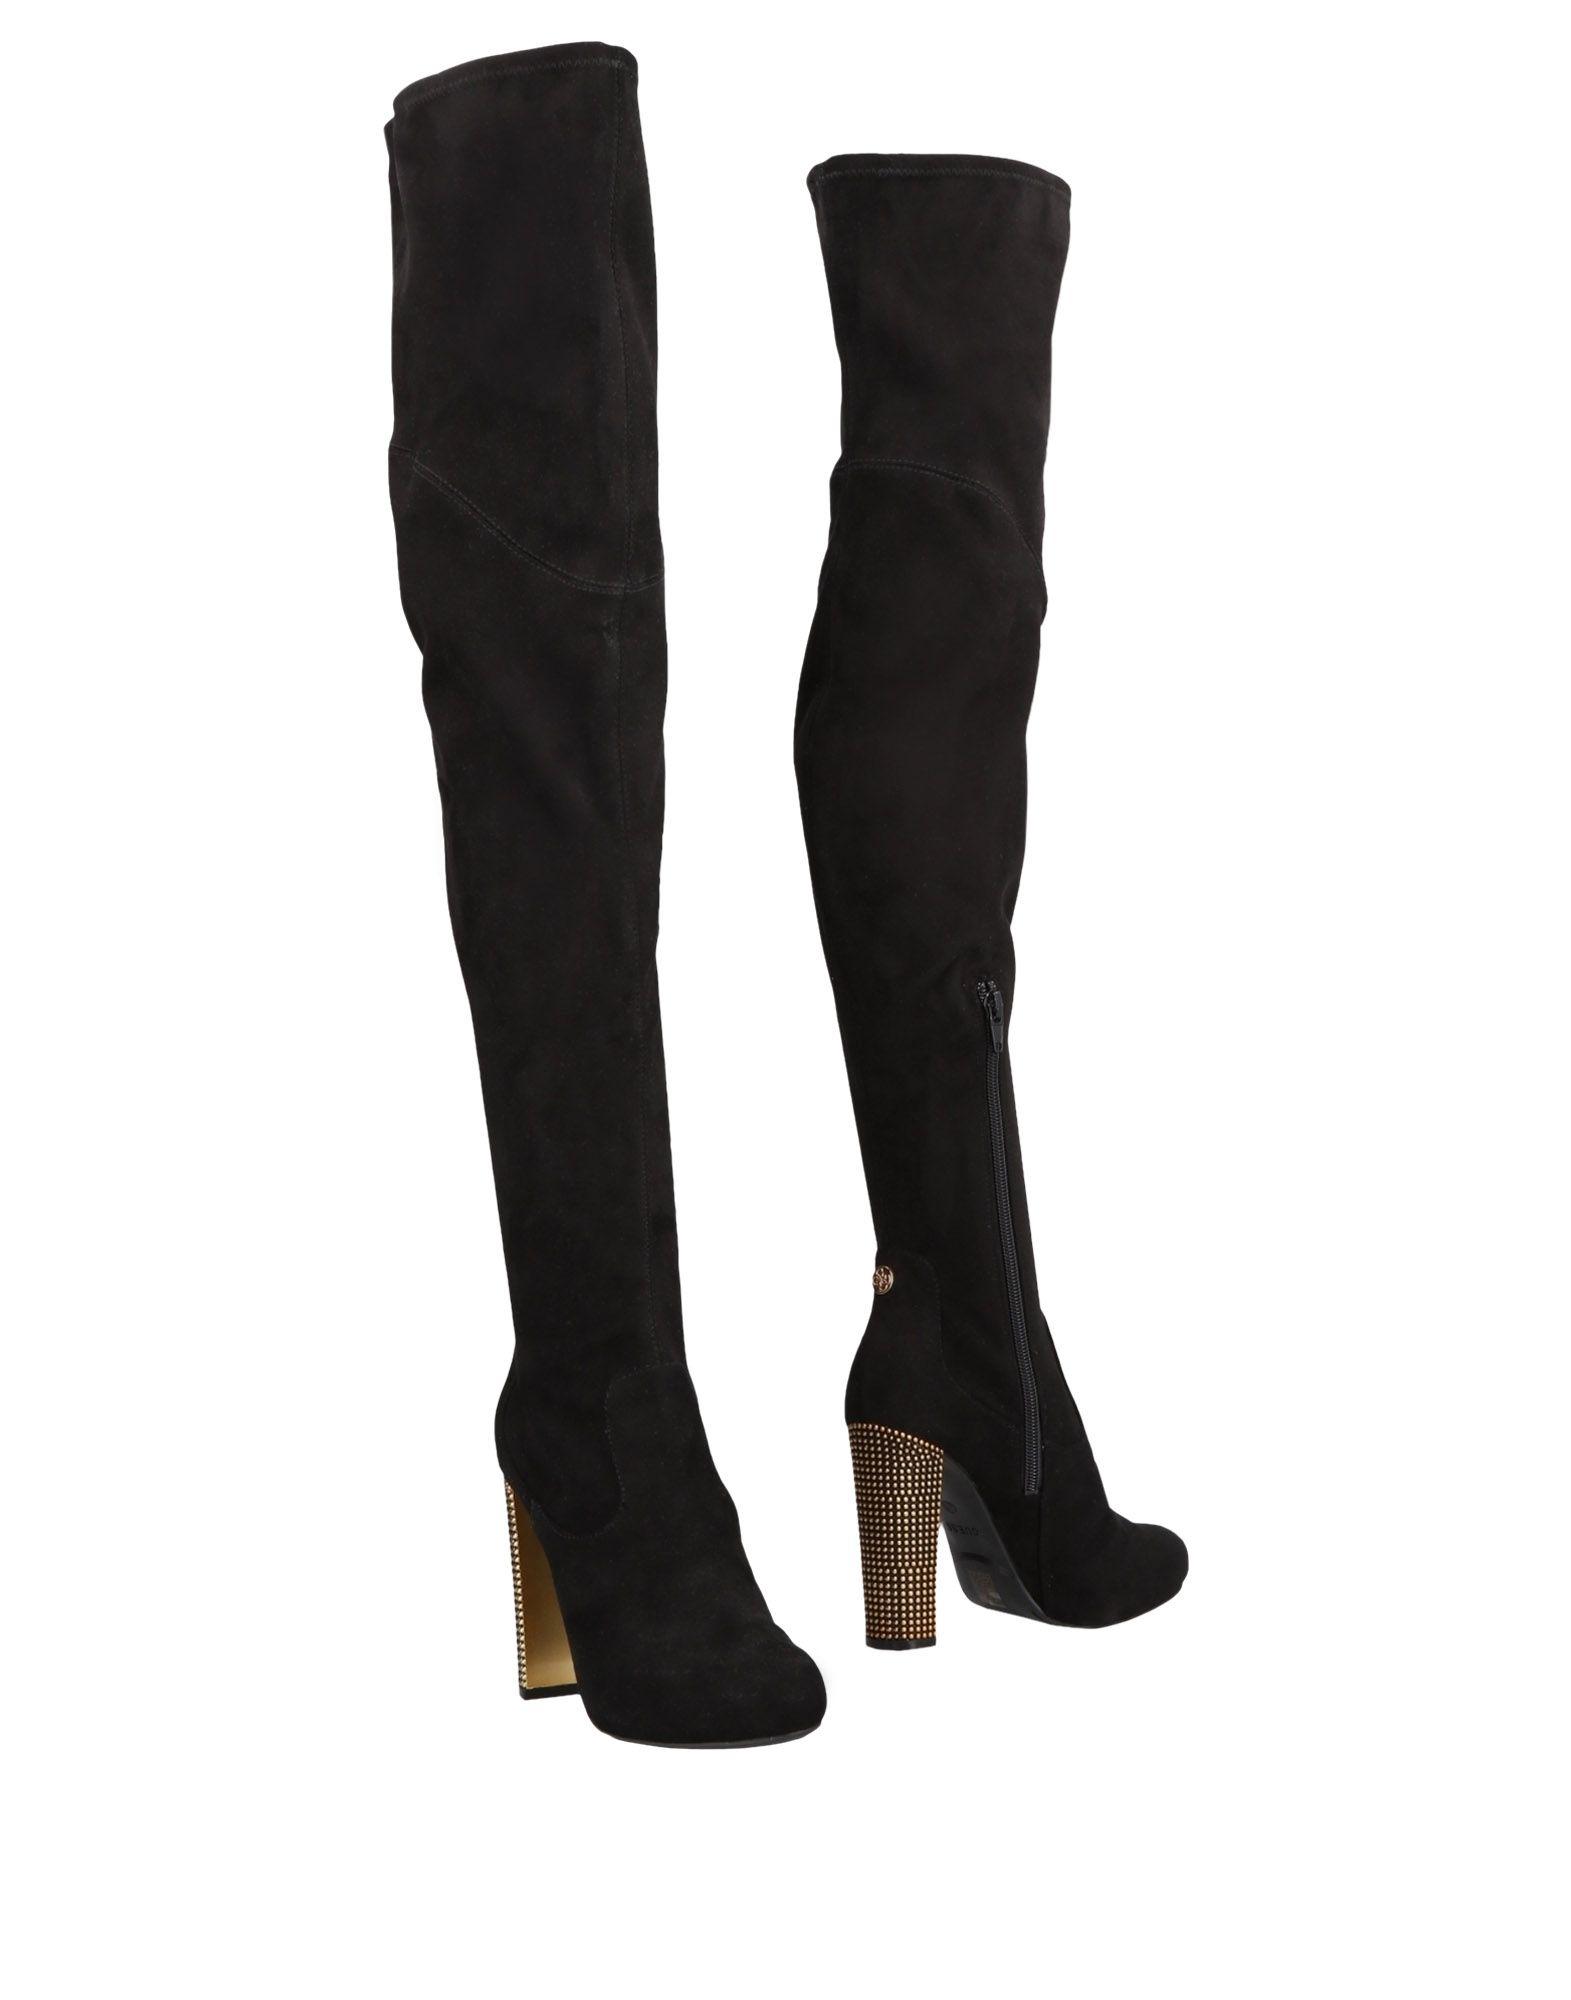 Moda Stivali Guess Donna - 11467585ES